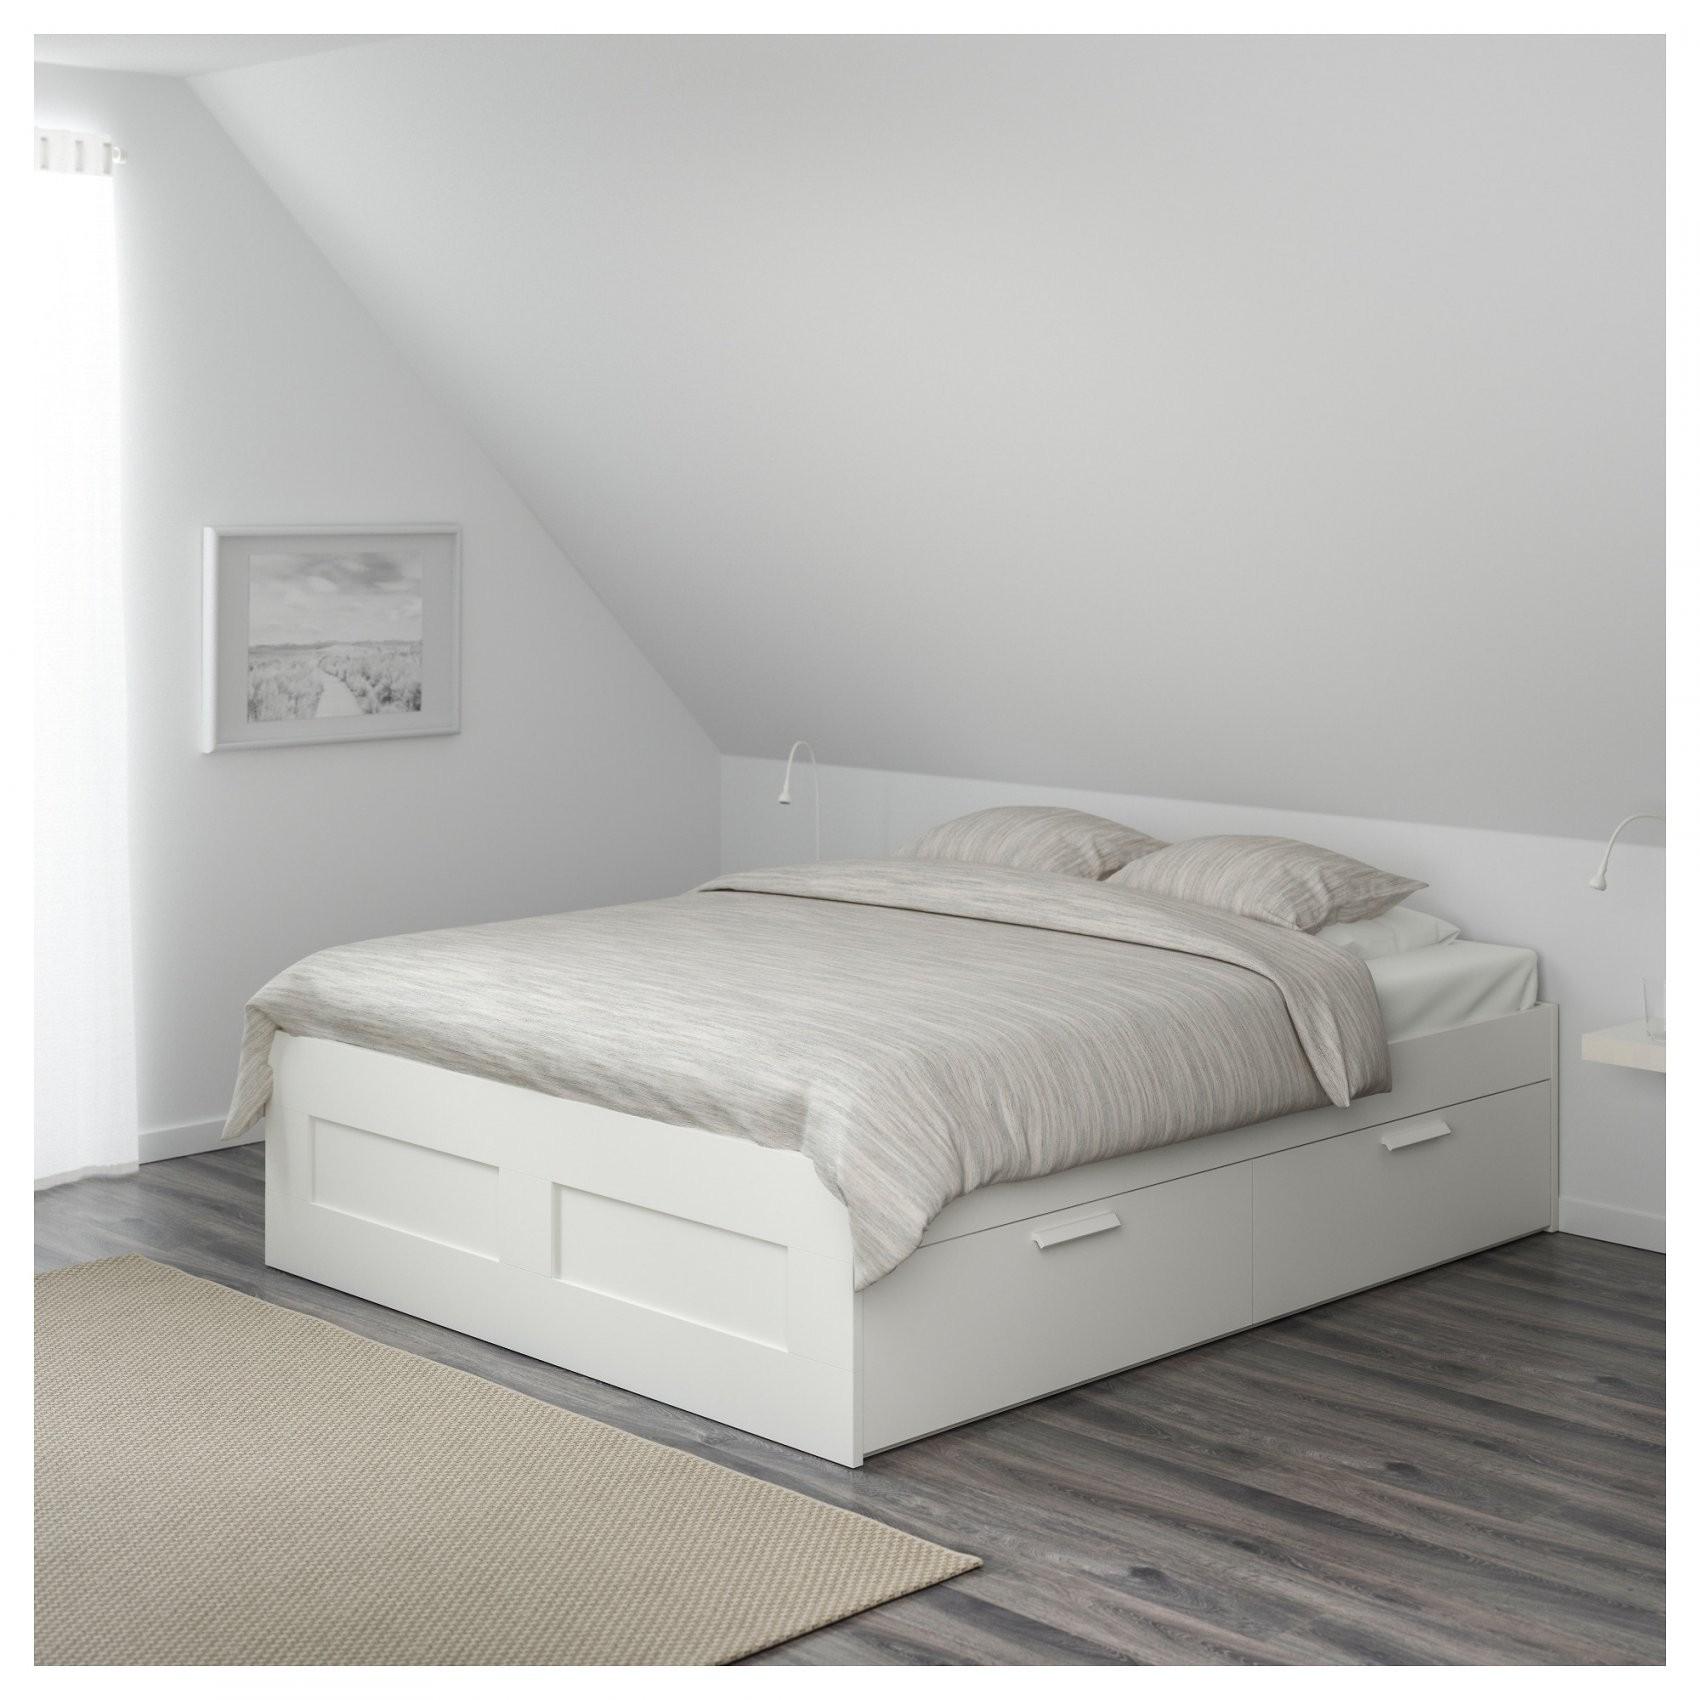 Brimnes Bedframe Met Opberglades Wit 160 X 200 Cm  Ikea von Ikea Brimnes Bett 180X200 Bild